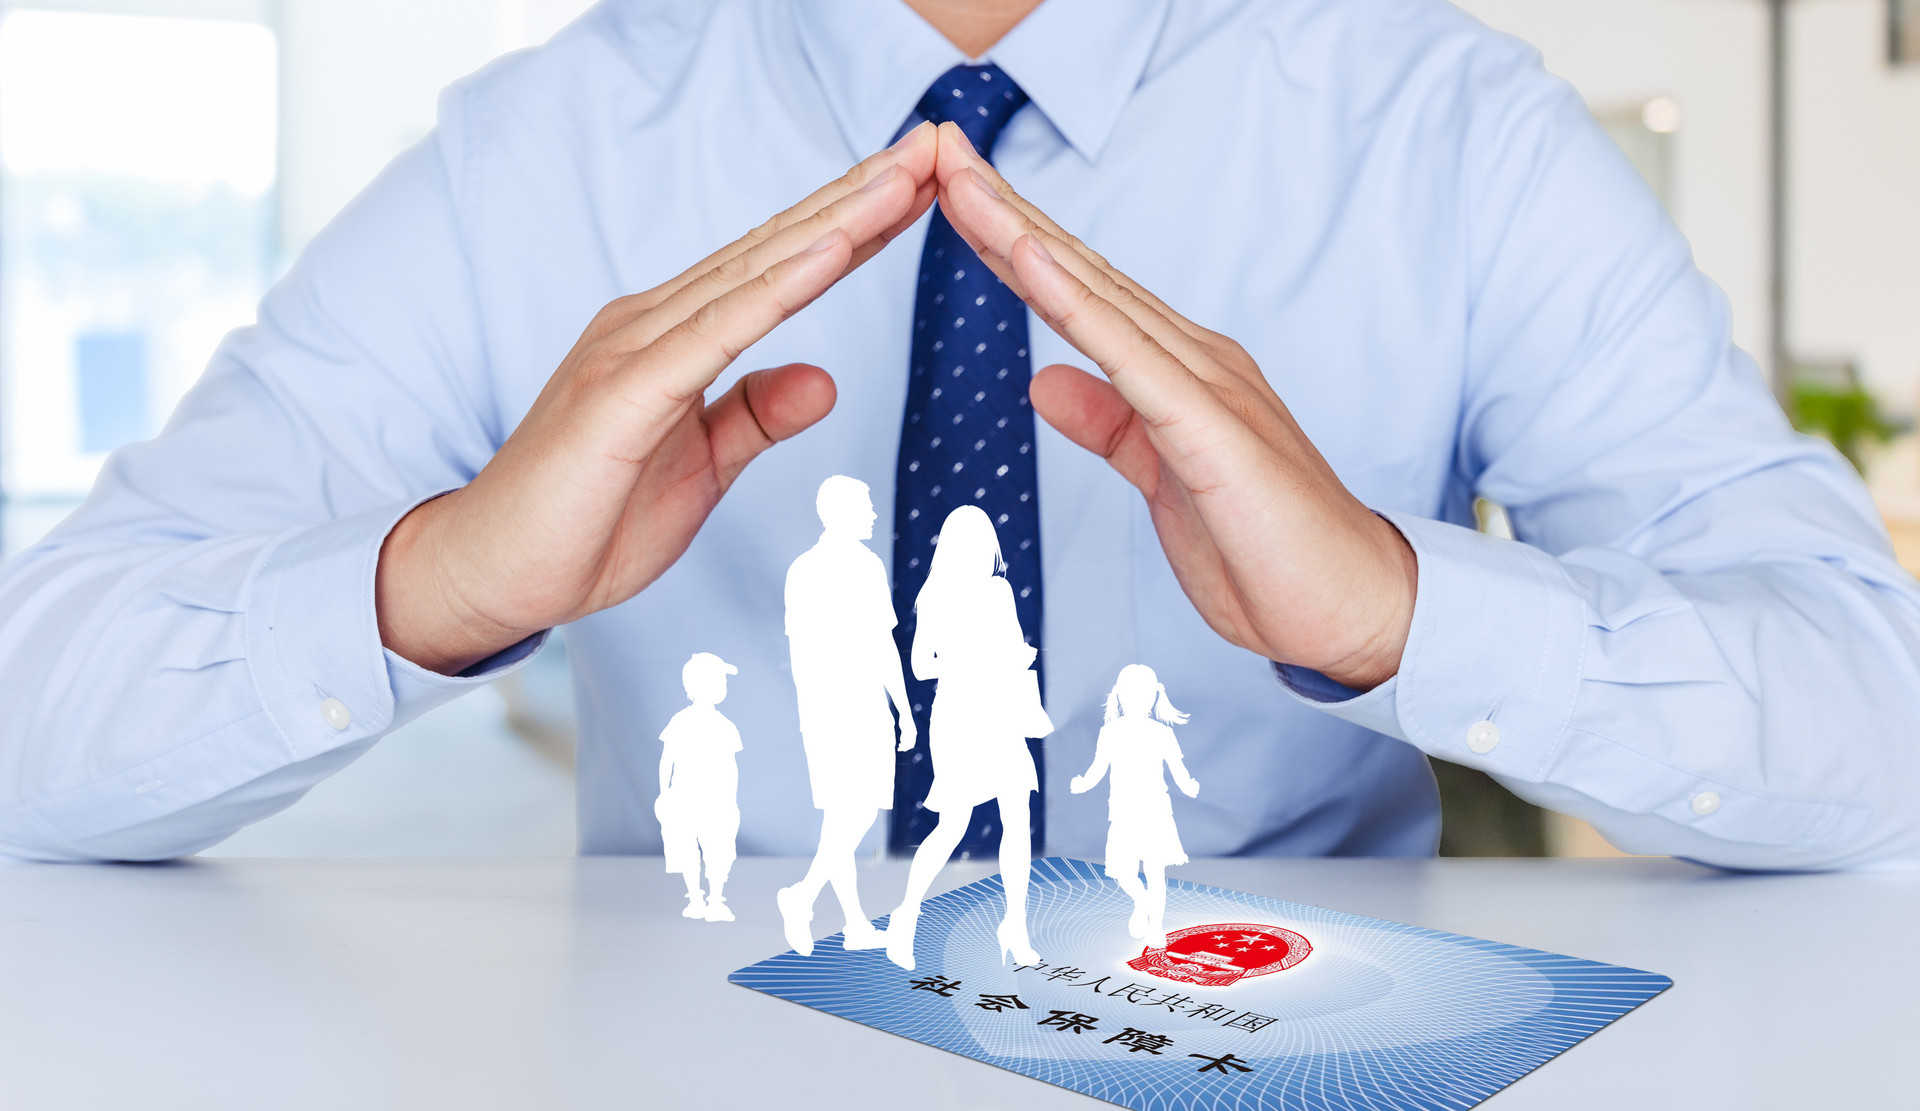 企业社保代缴怎么交方便,代办社保的企业,社保代办